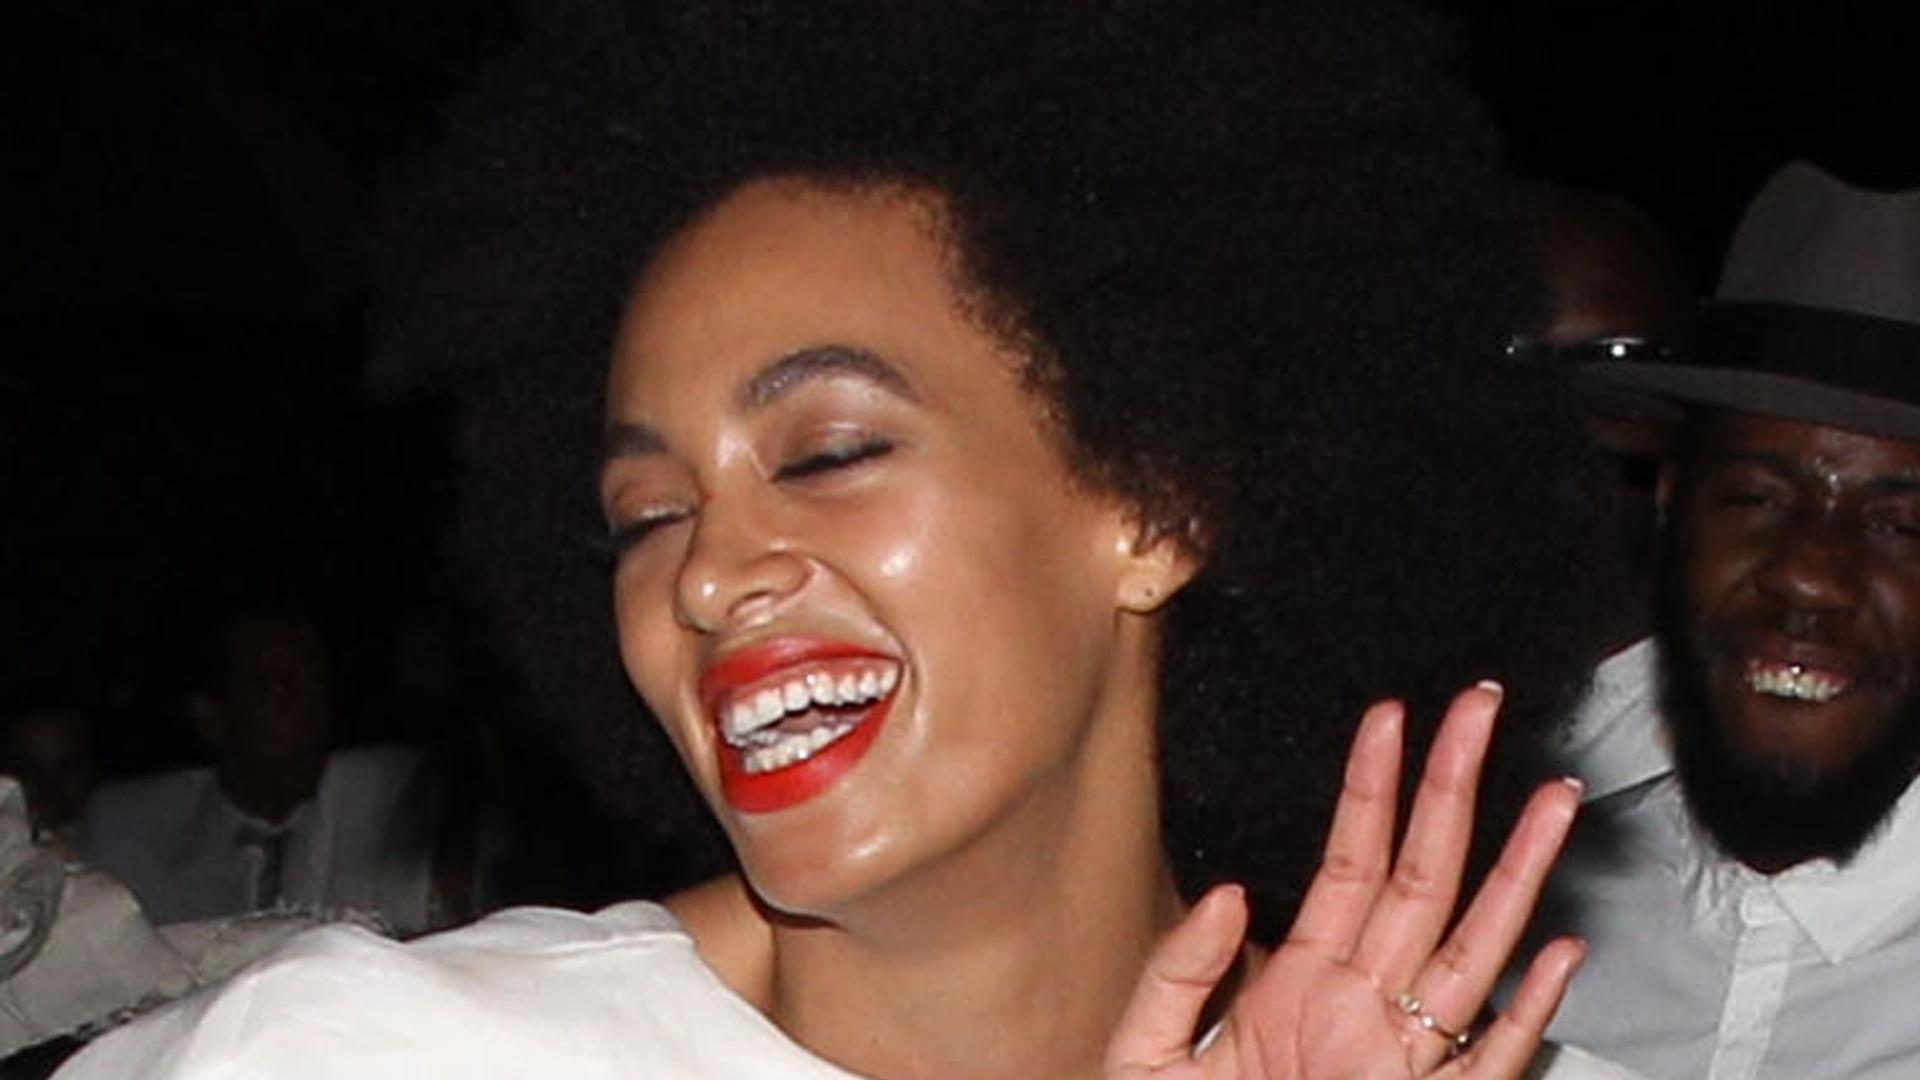 16.nov.2014 - Durante festa de casamento, a cantora Solange Knowles tem problemas com seu macacão e fica com parte do mamilo à mostra